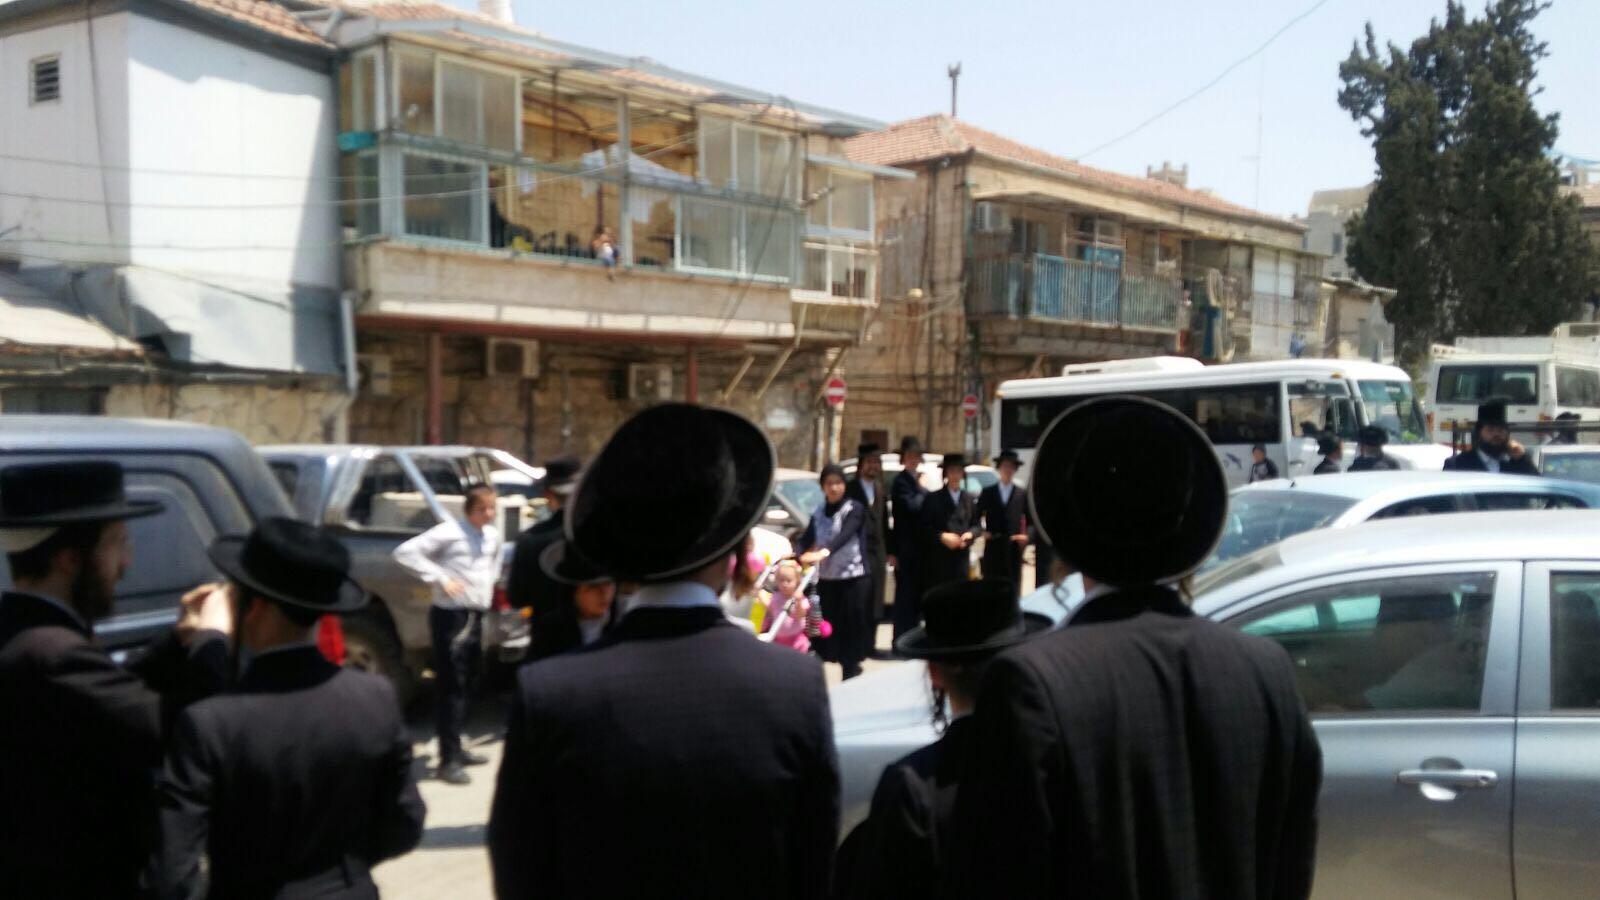 נעצר חשוד מהפלג הקיצוני בתקיפת חייל חרדי ואביו בשכונת מאה שערים